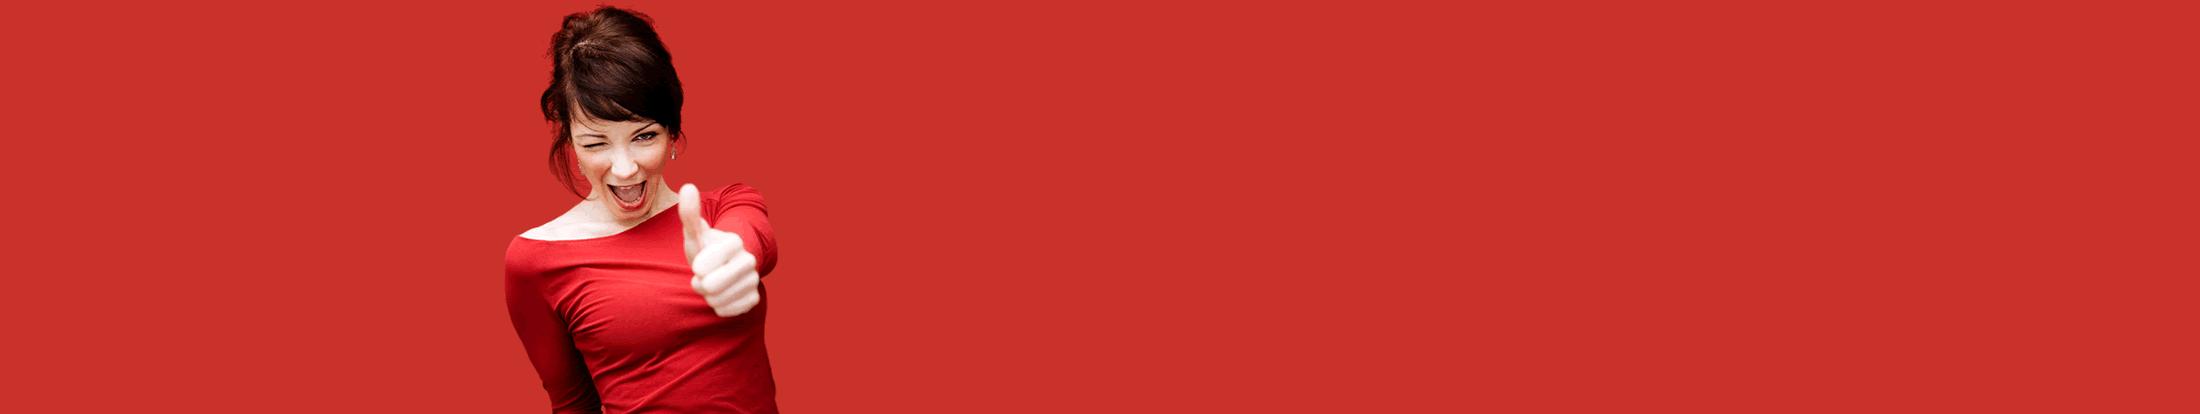 red-bg1